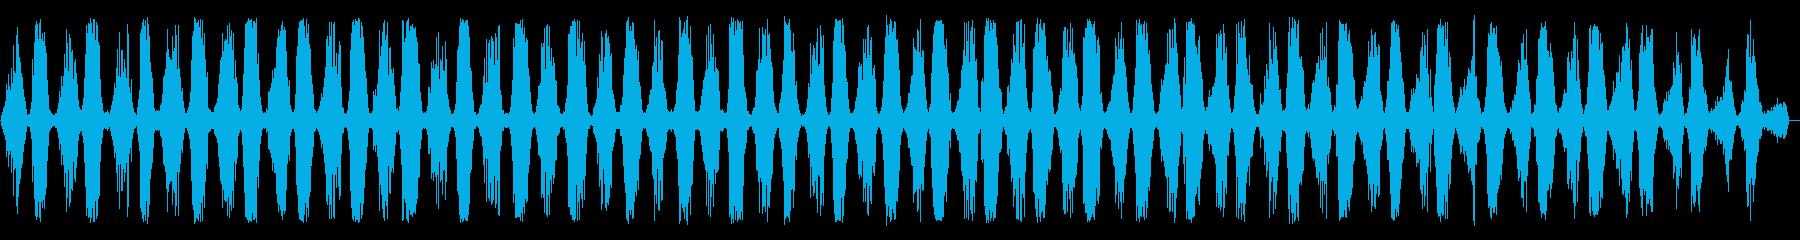 のこぎりの音(長め)の再生済みの波形